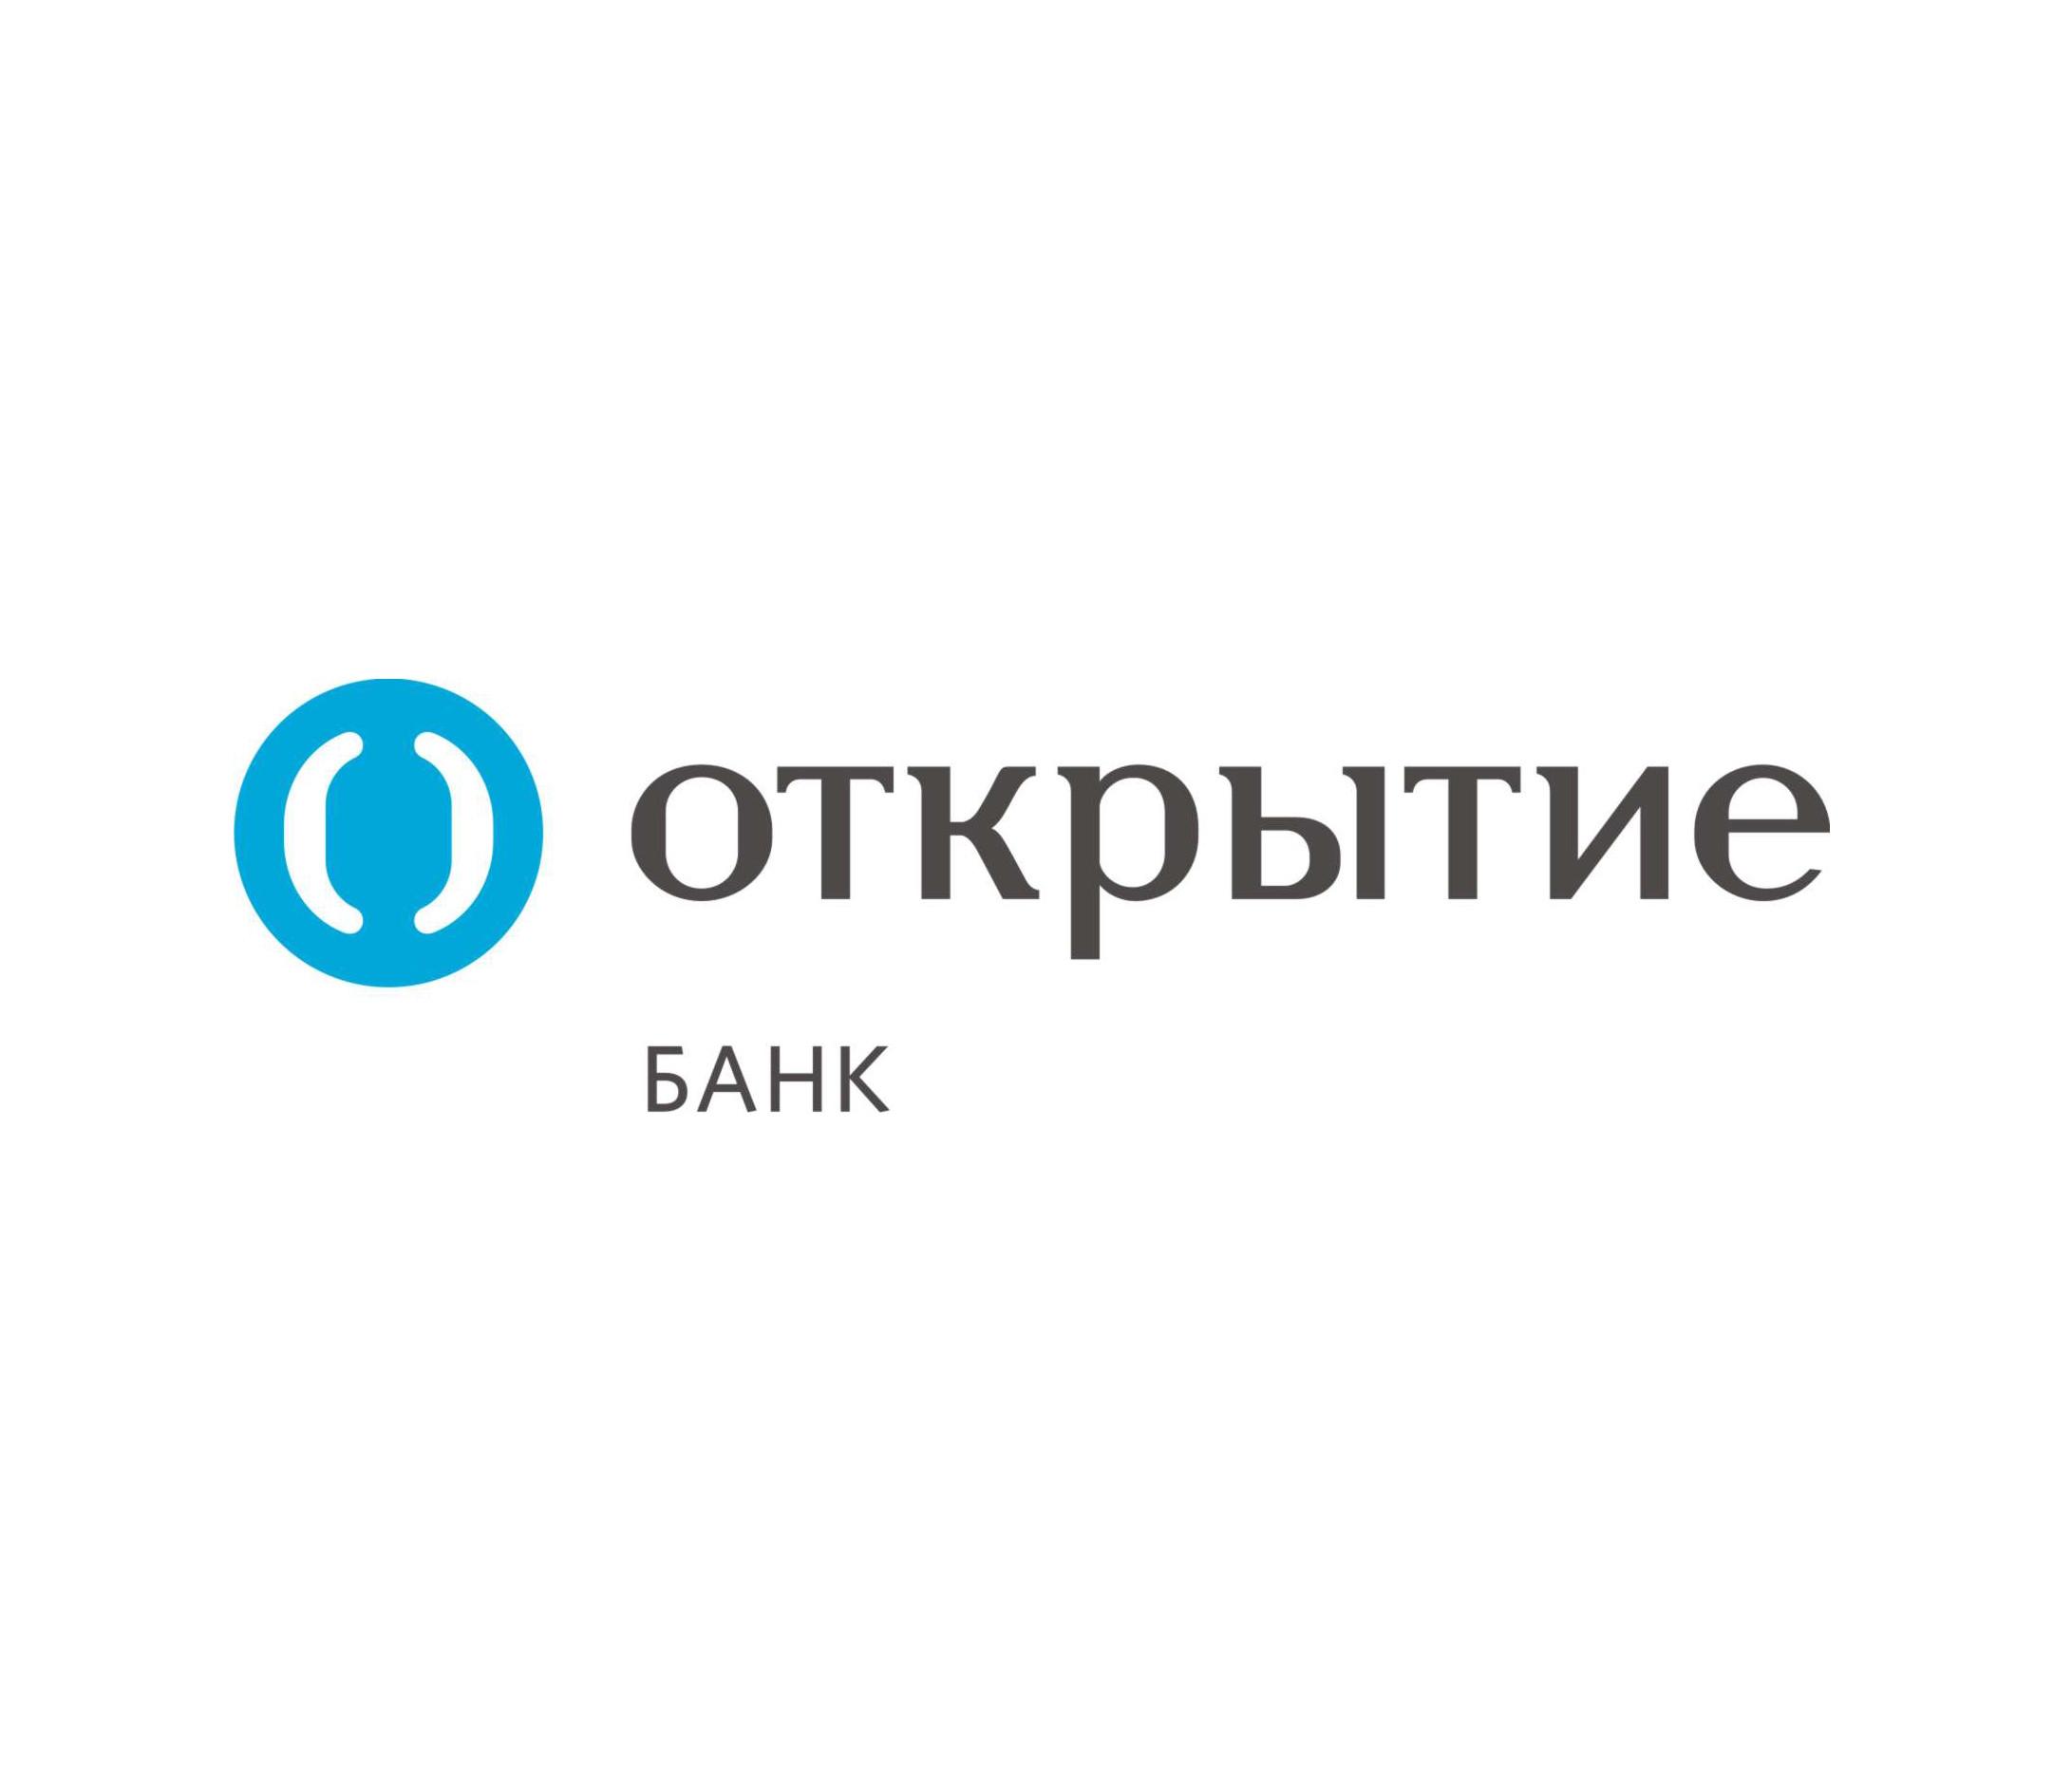 банк открытие онлайн запись